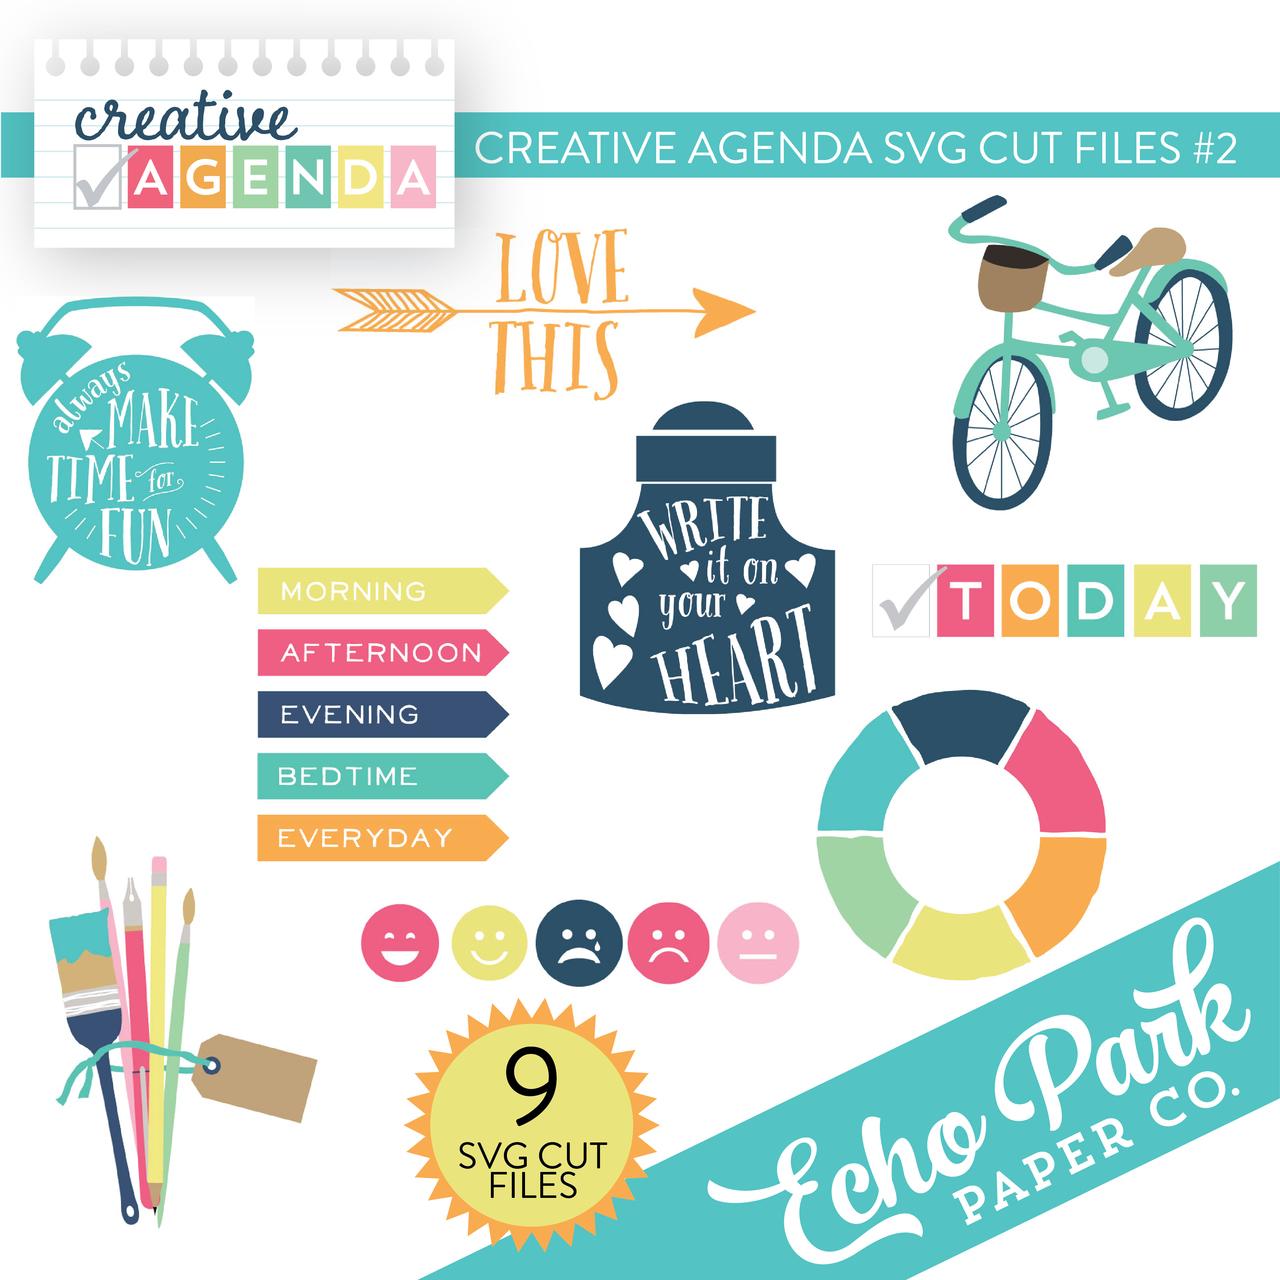 Creative Agenda SVG Cut Files #1